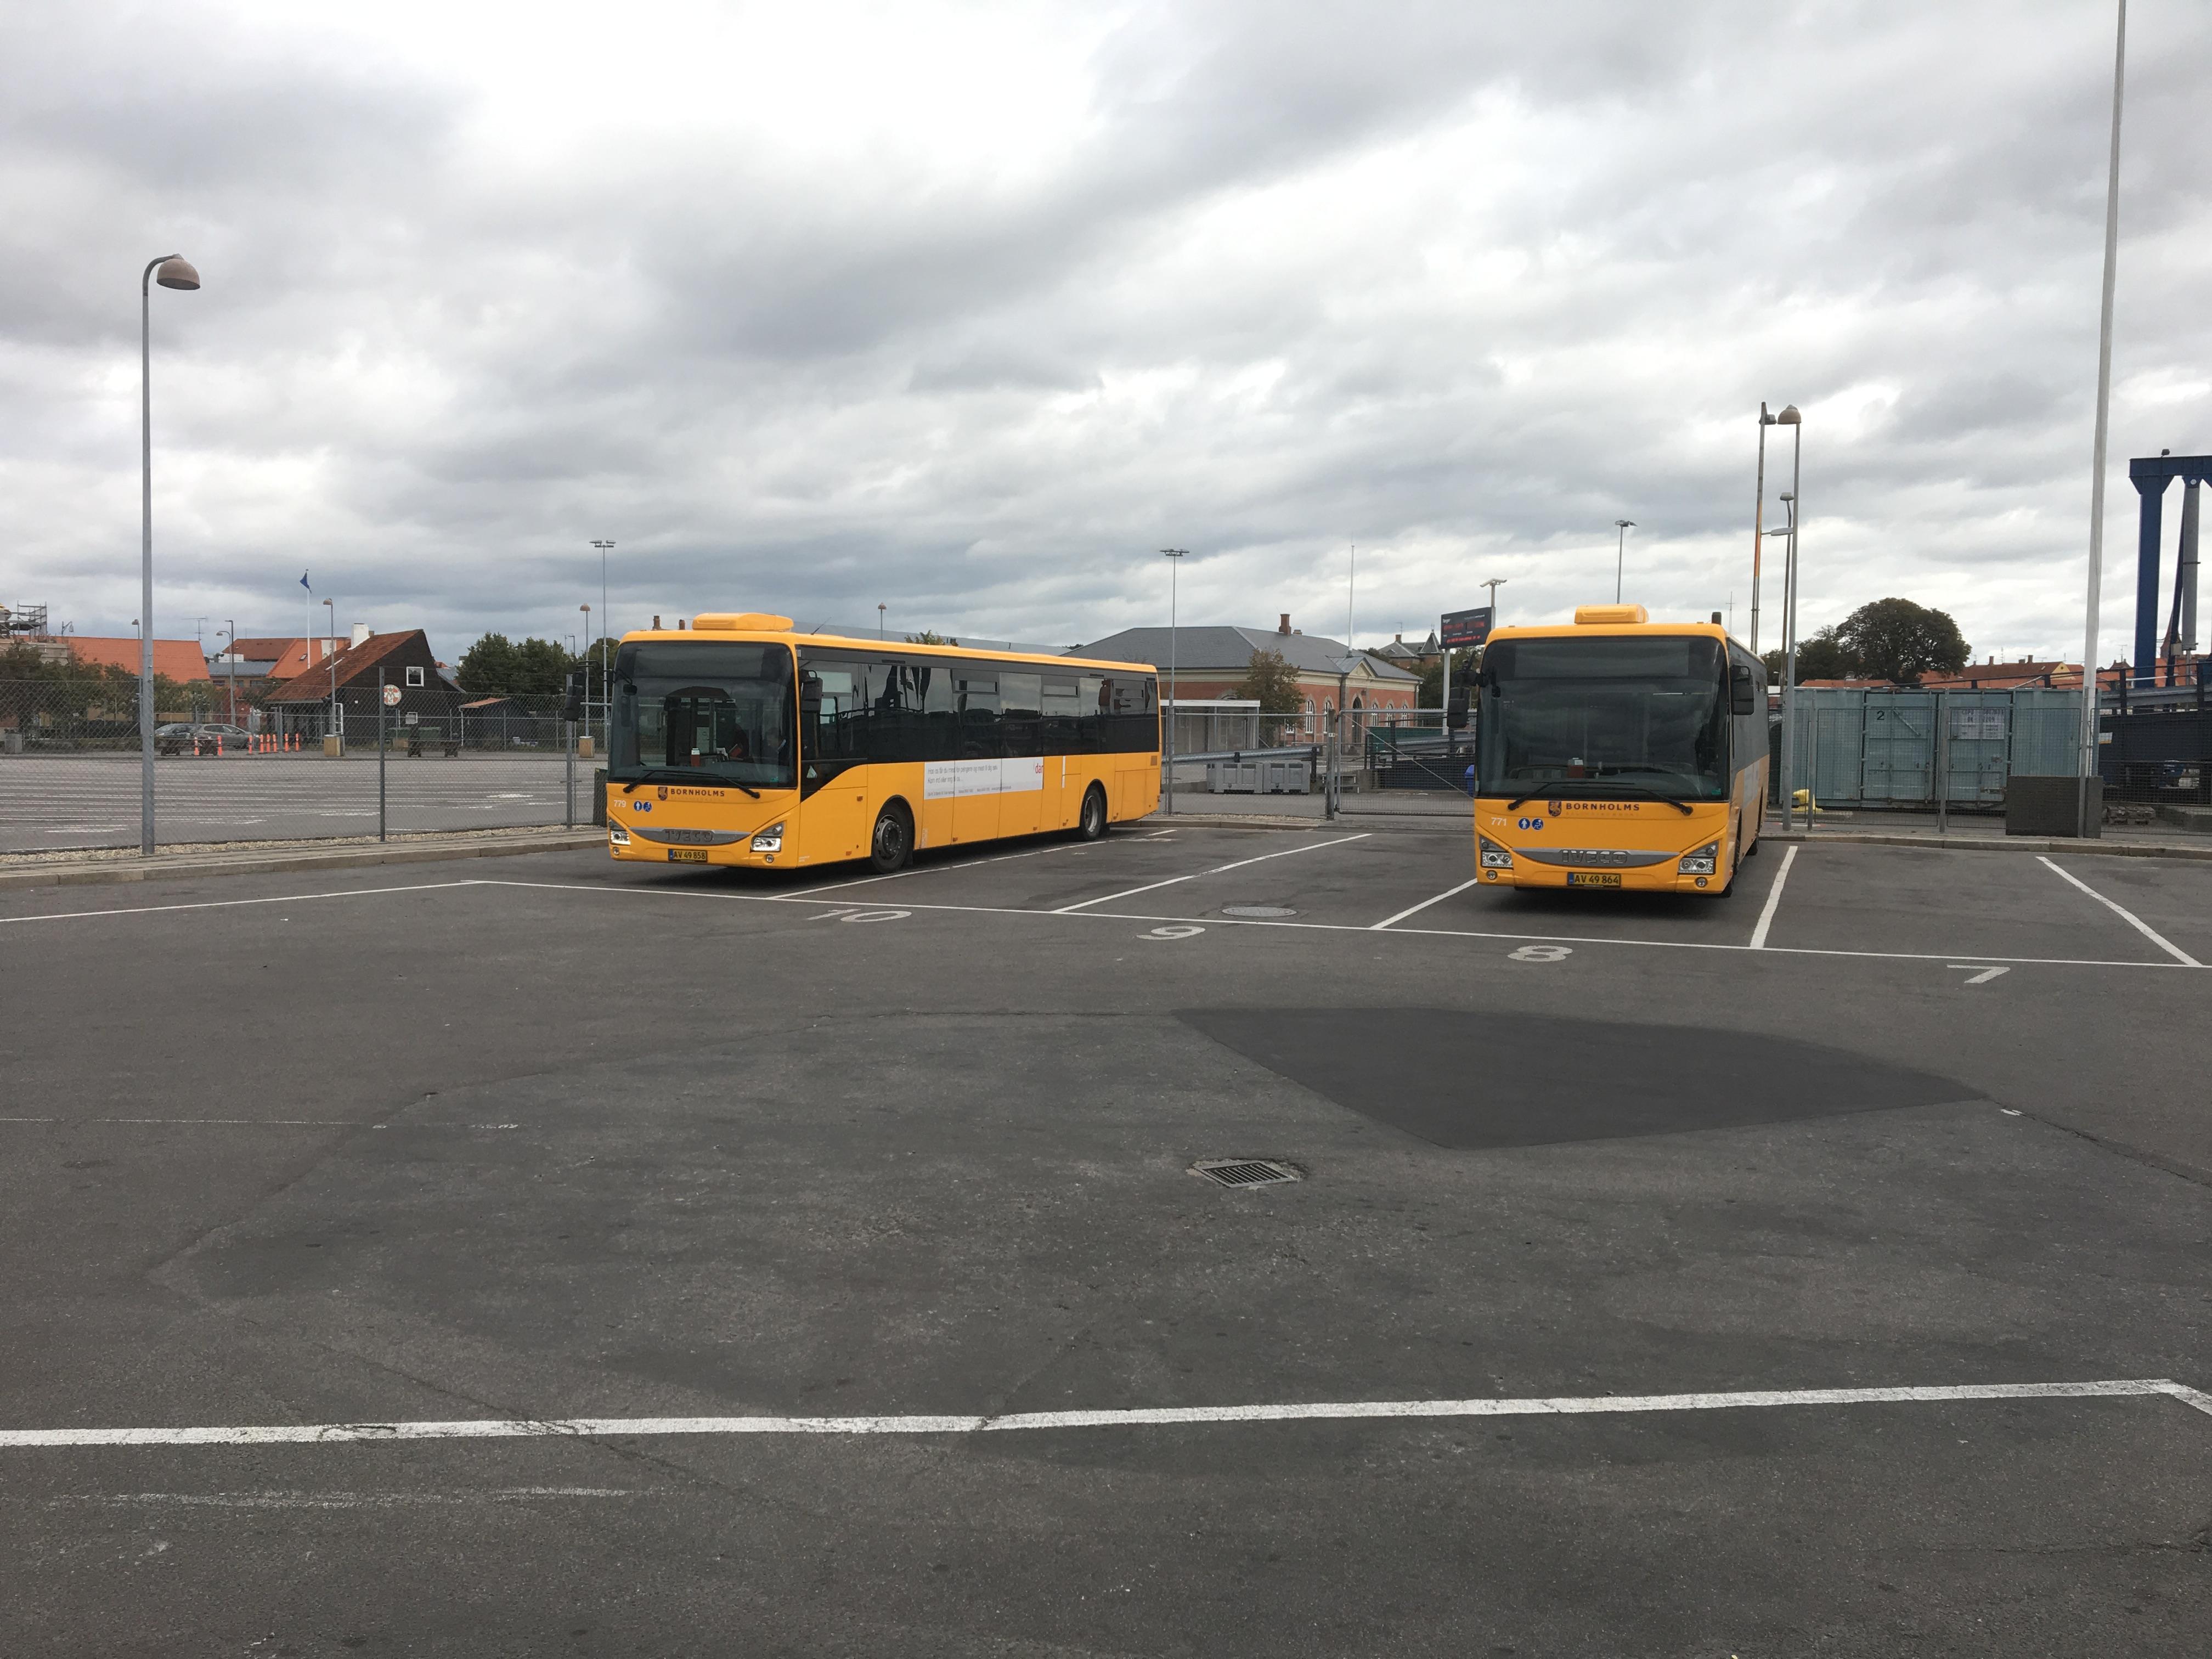 Ronne (Bornholm) - dworzec autobusowy przy terminalu promowym